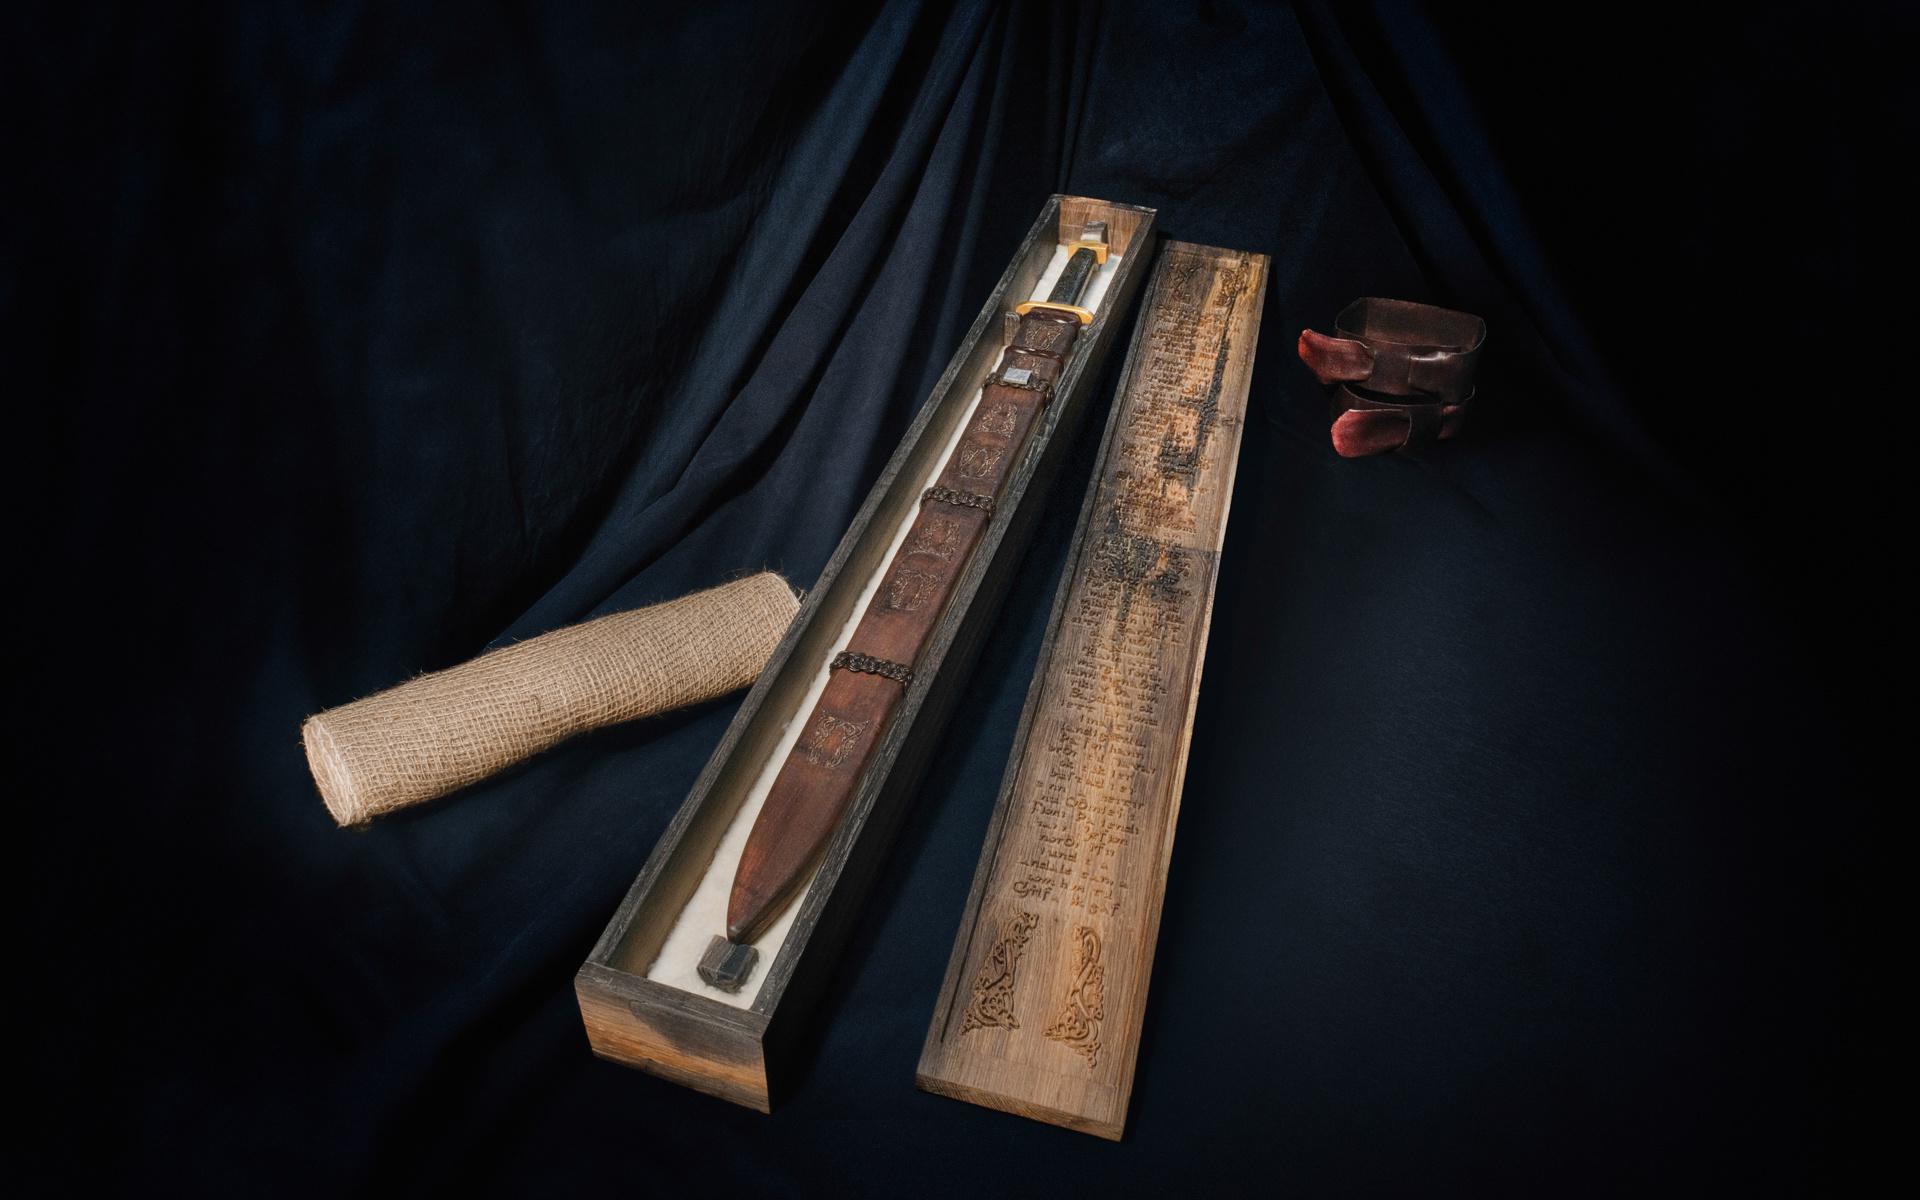 Het zwaard in de kist op een bed van lamsvacht - klik voor de vergroting